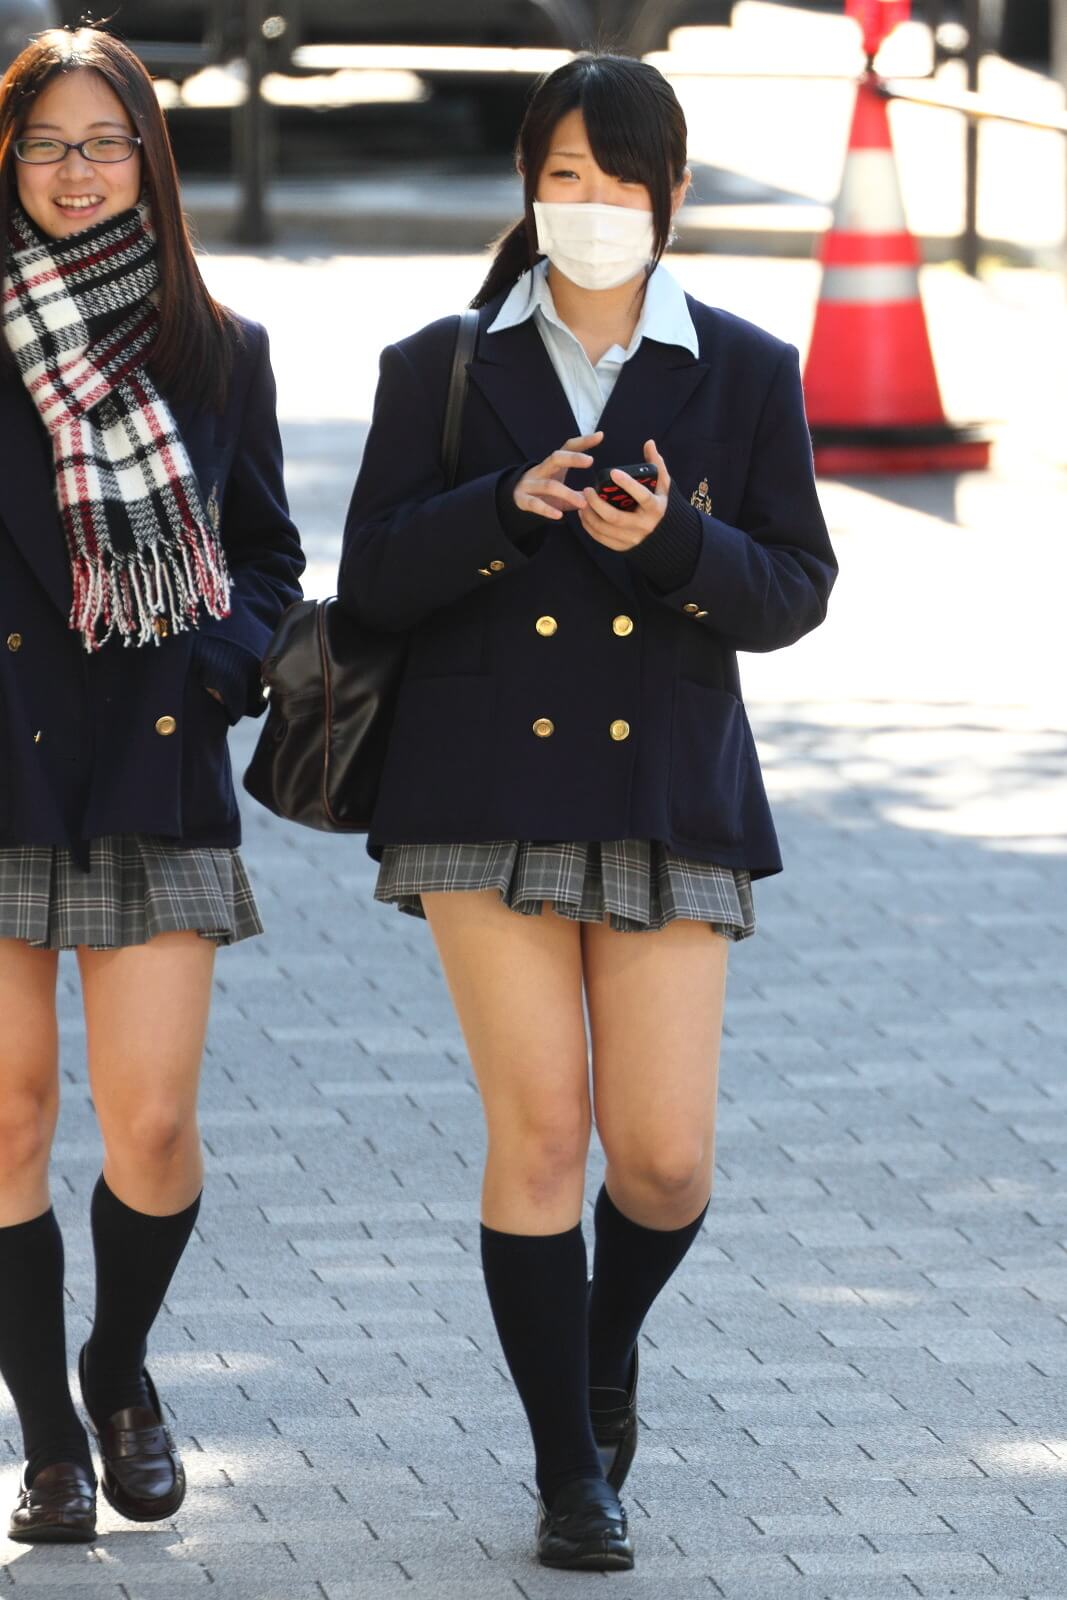 【画像】街で女子高生を見かけたらちょっと元気になるよなww